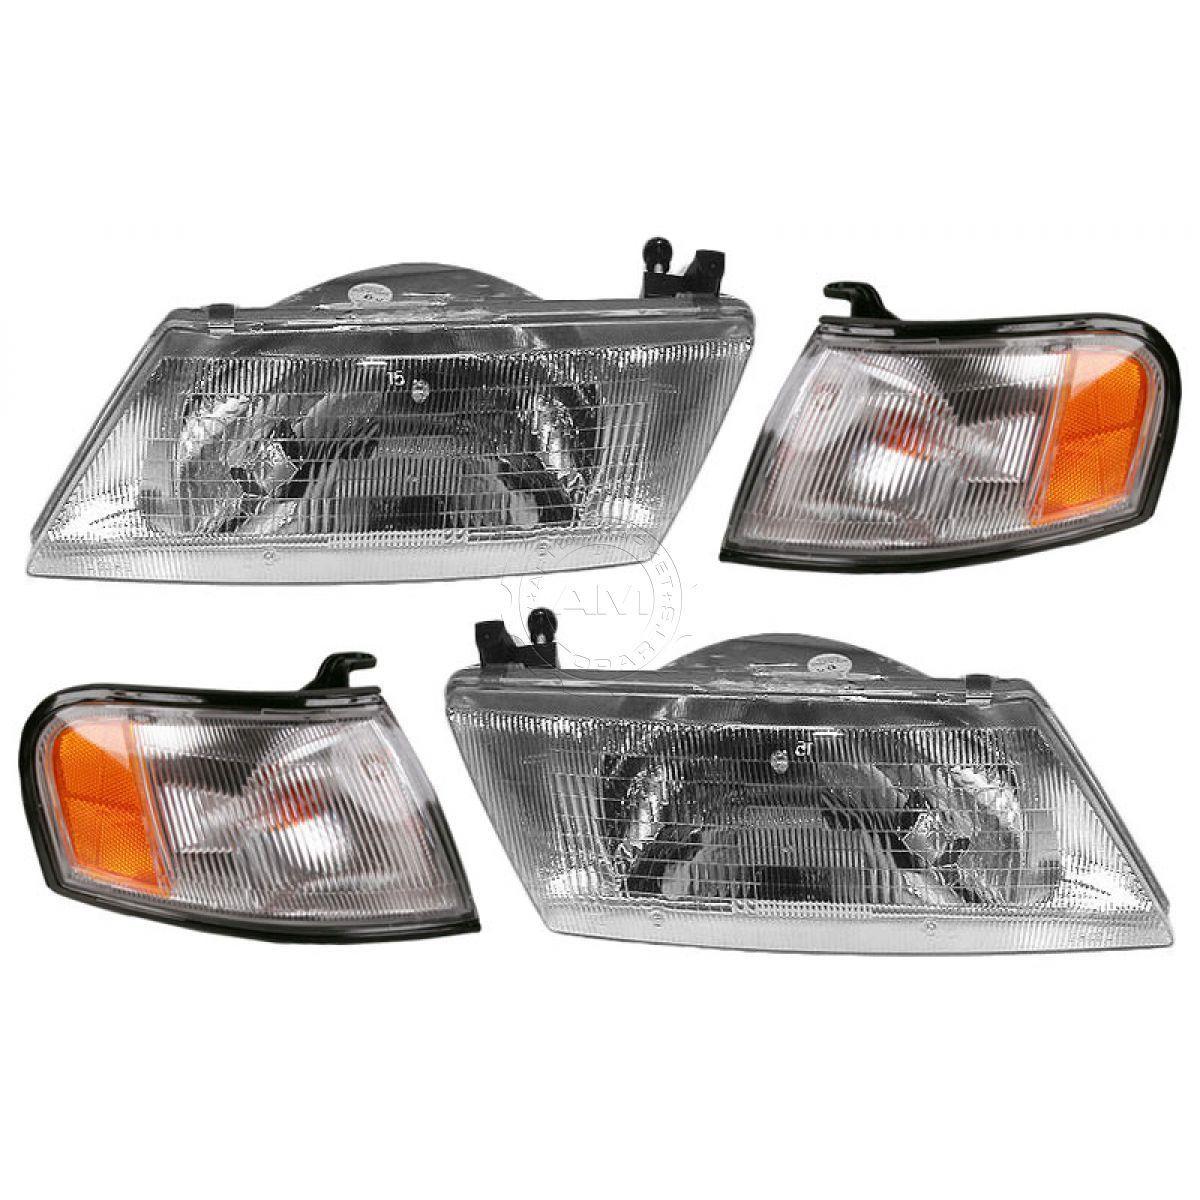 コーナーライト Headlights Headlamps & Parking Turn Corner Light Lamp Set Kit for Sentra 200SX ヘッドライトヘッドランプ& Sentra 200SX用パーキングターンライトランプセットキット